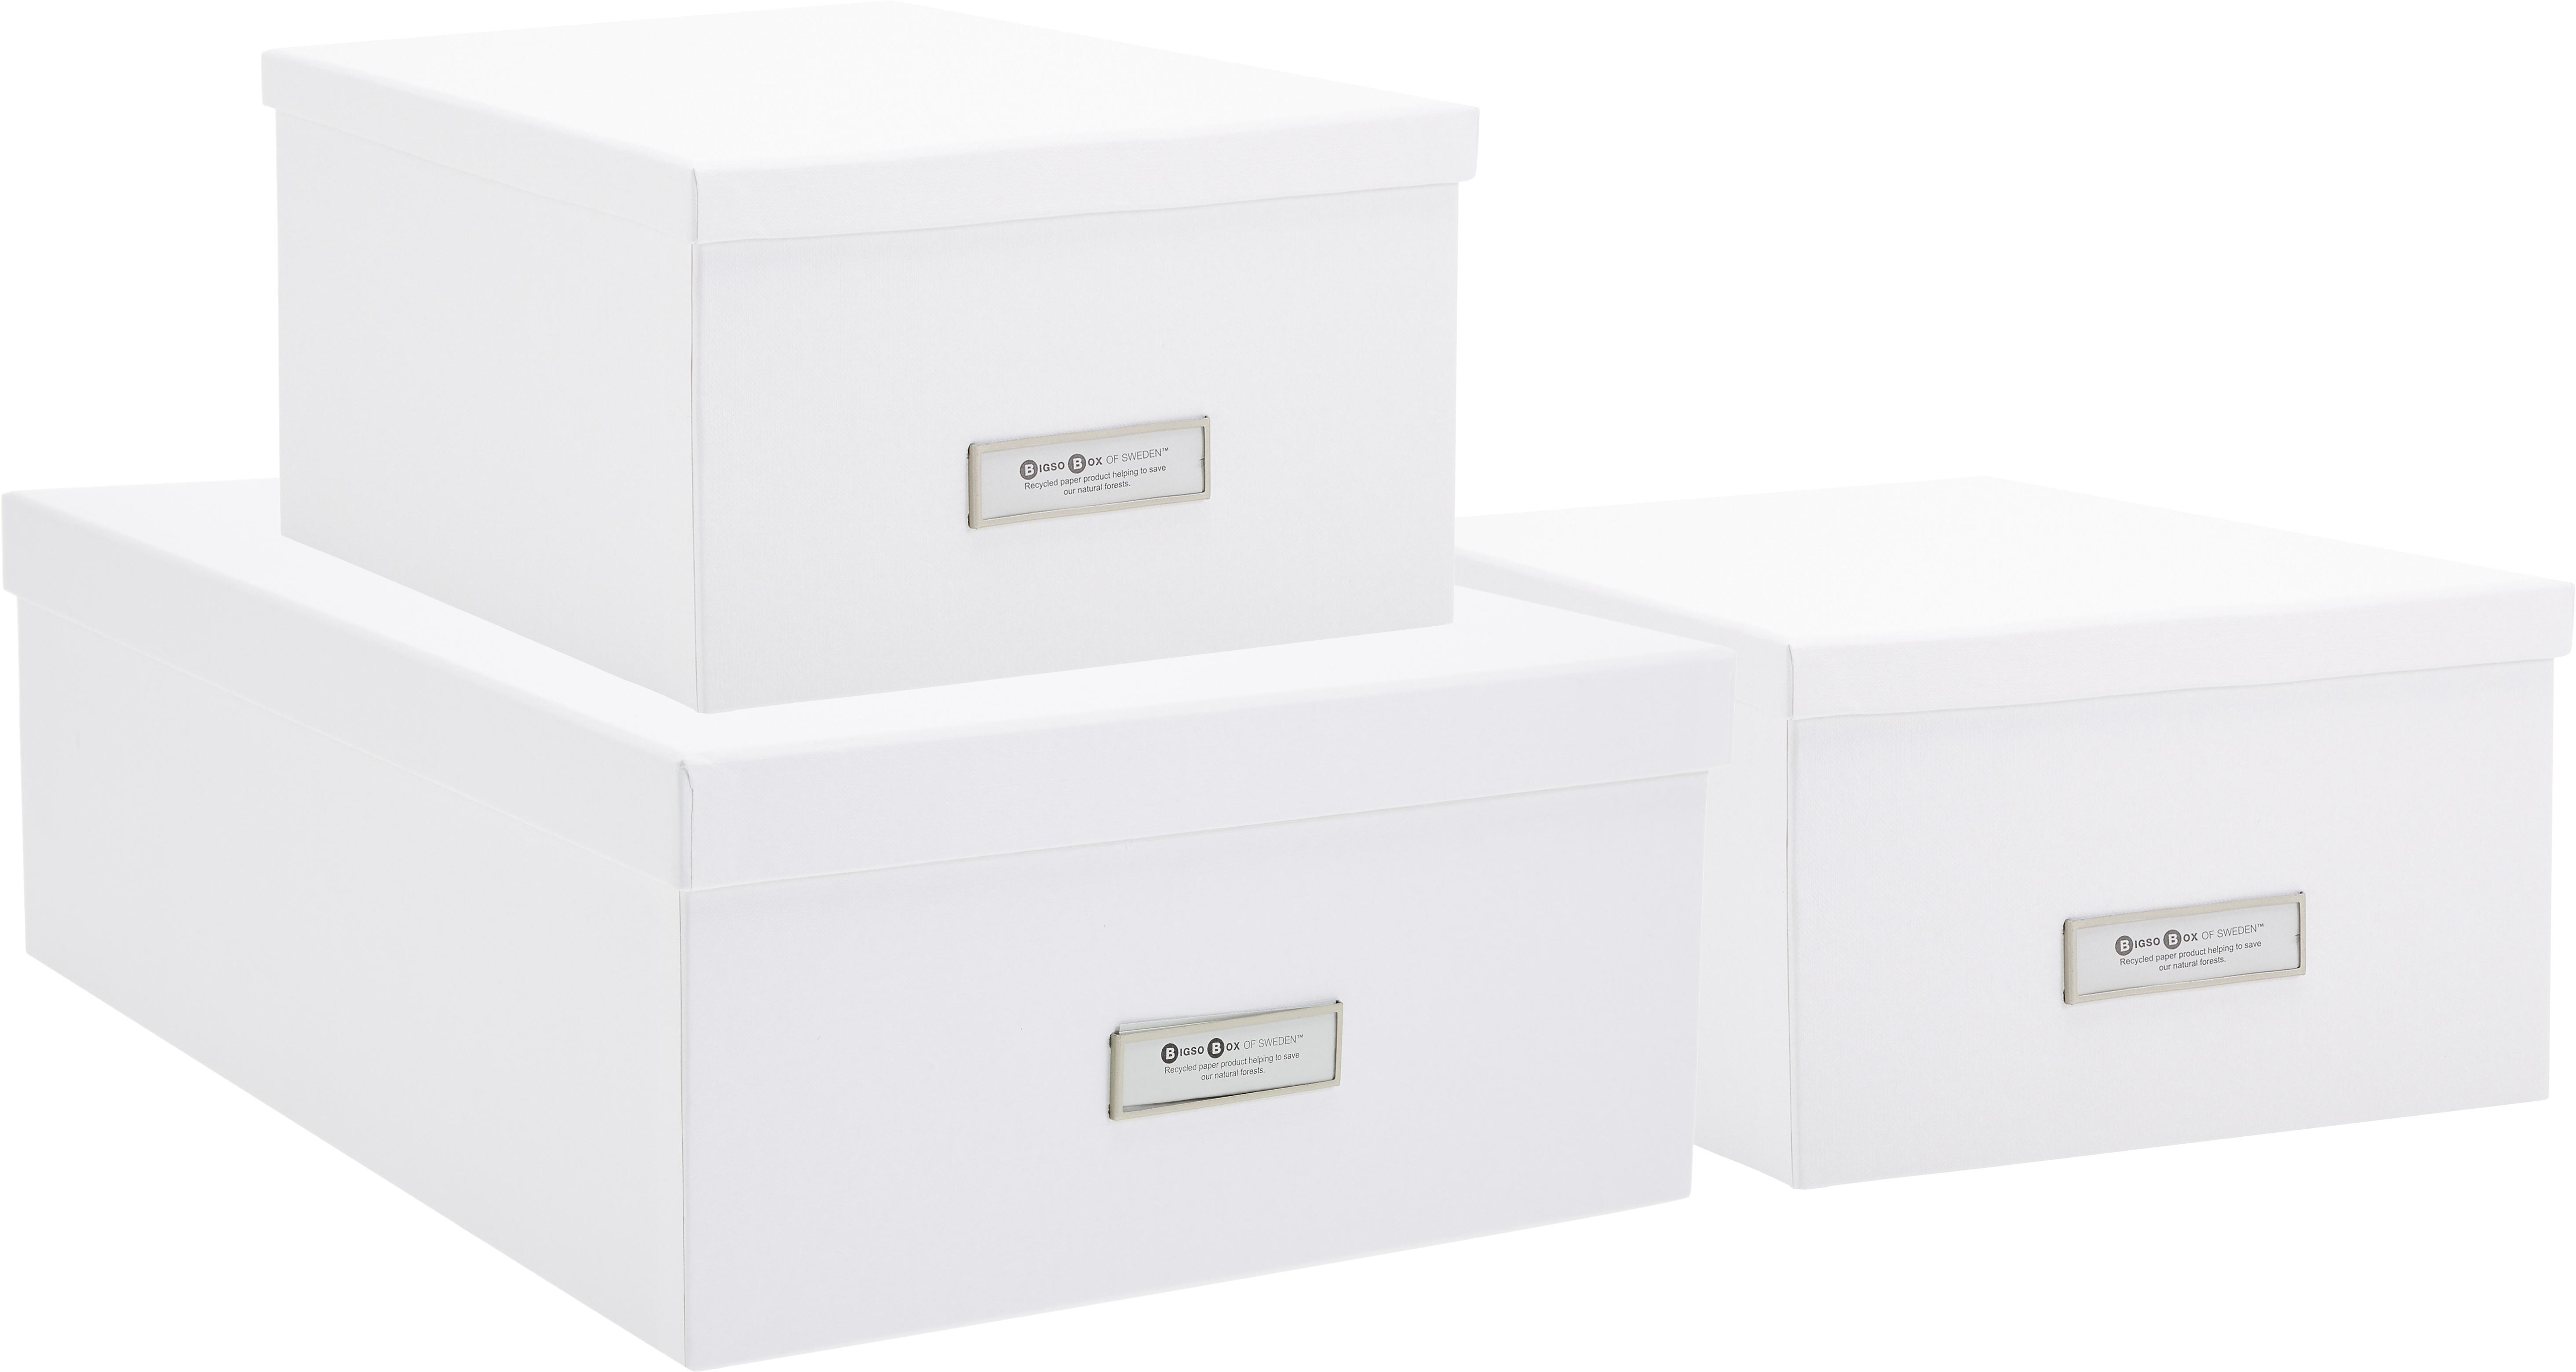 Opbergdozen set Inge, 3-delig, Doos: massief, gelamineerd kart, Doos buitenzijde: wit. Doos binnenzijde: wit, Set met verschillende formaten